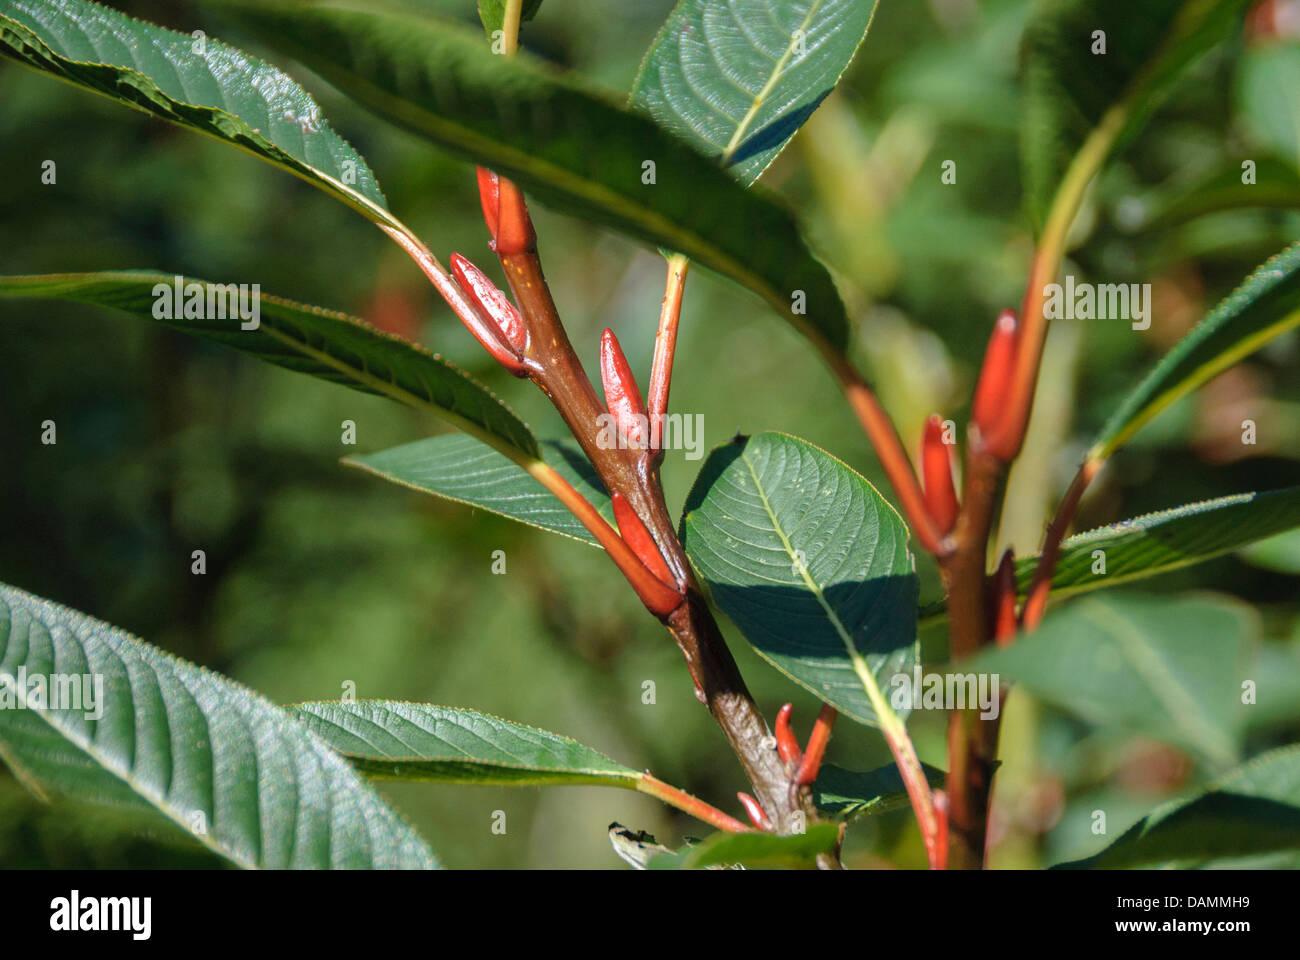 Farges saule (Salix fargesii), branche avec bourgeons, Suisse Banque D'Images